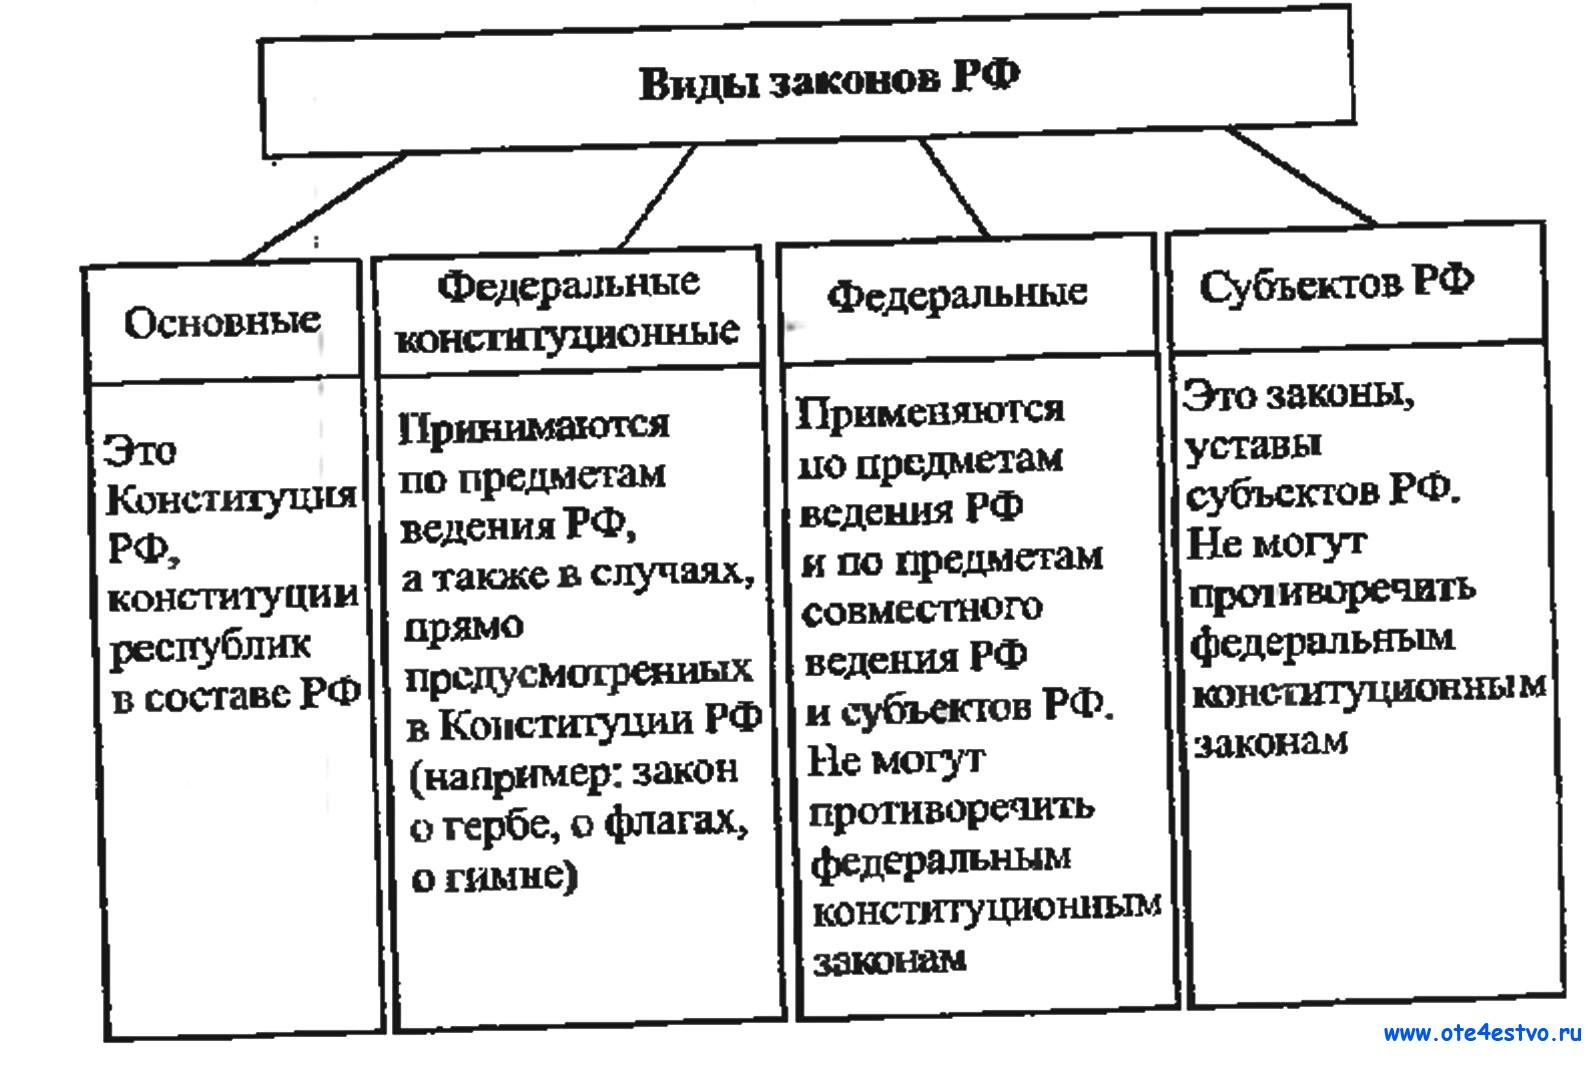 Виды законов в рф схем